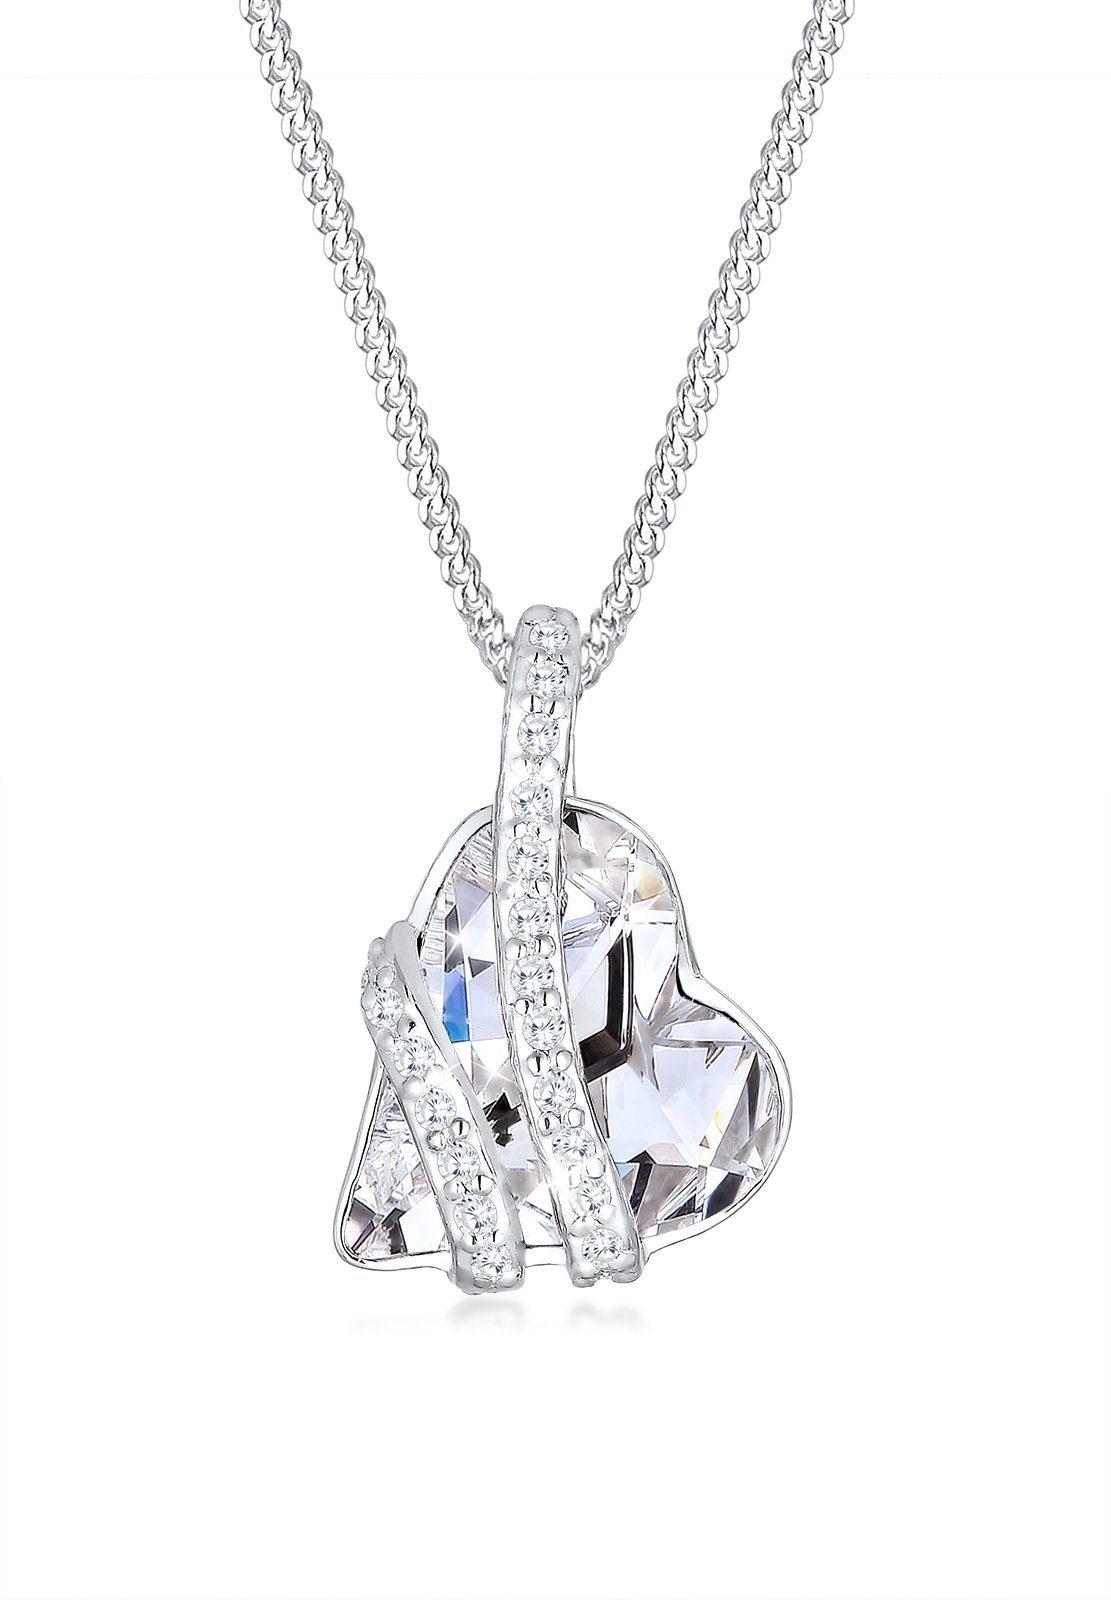 EG /_ Engel Flügel Stretch Ring Kristall Strass Mode Bling Schmuck Geschenk Braw